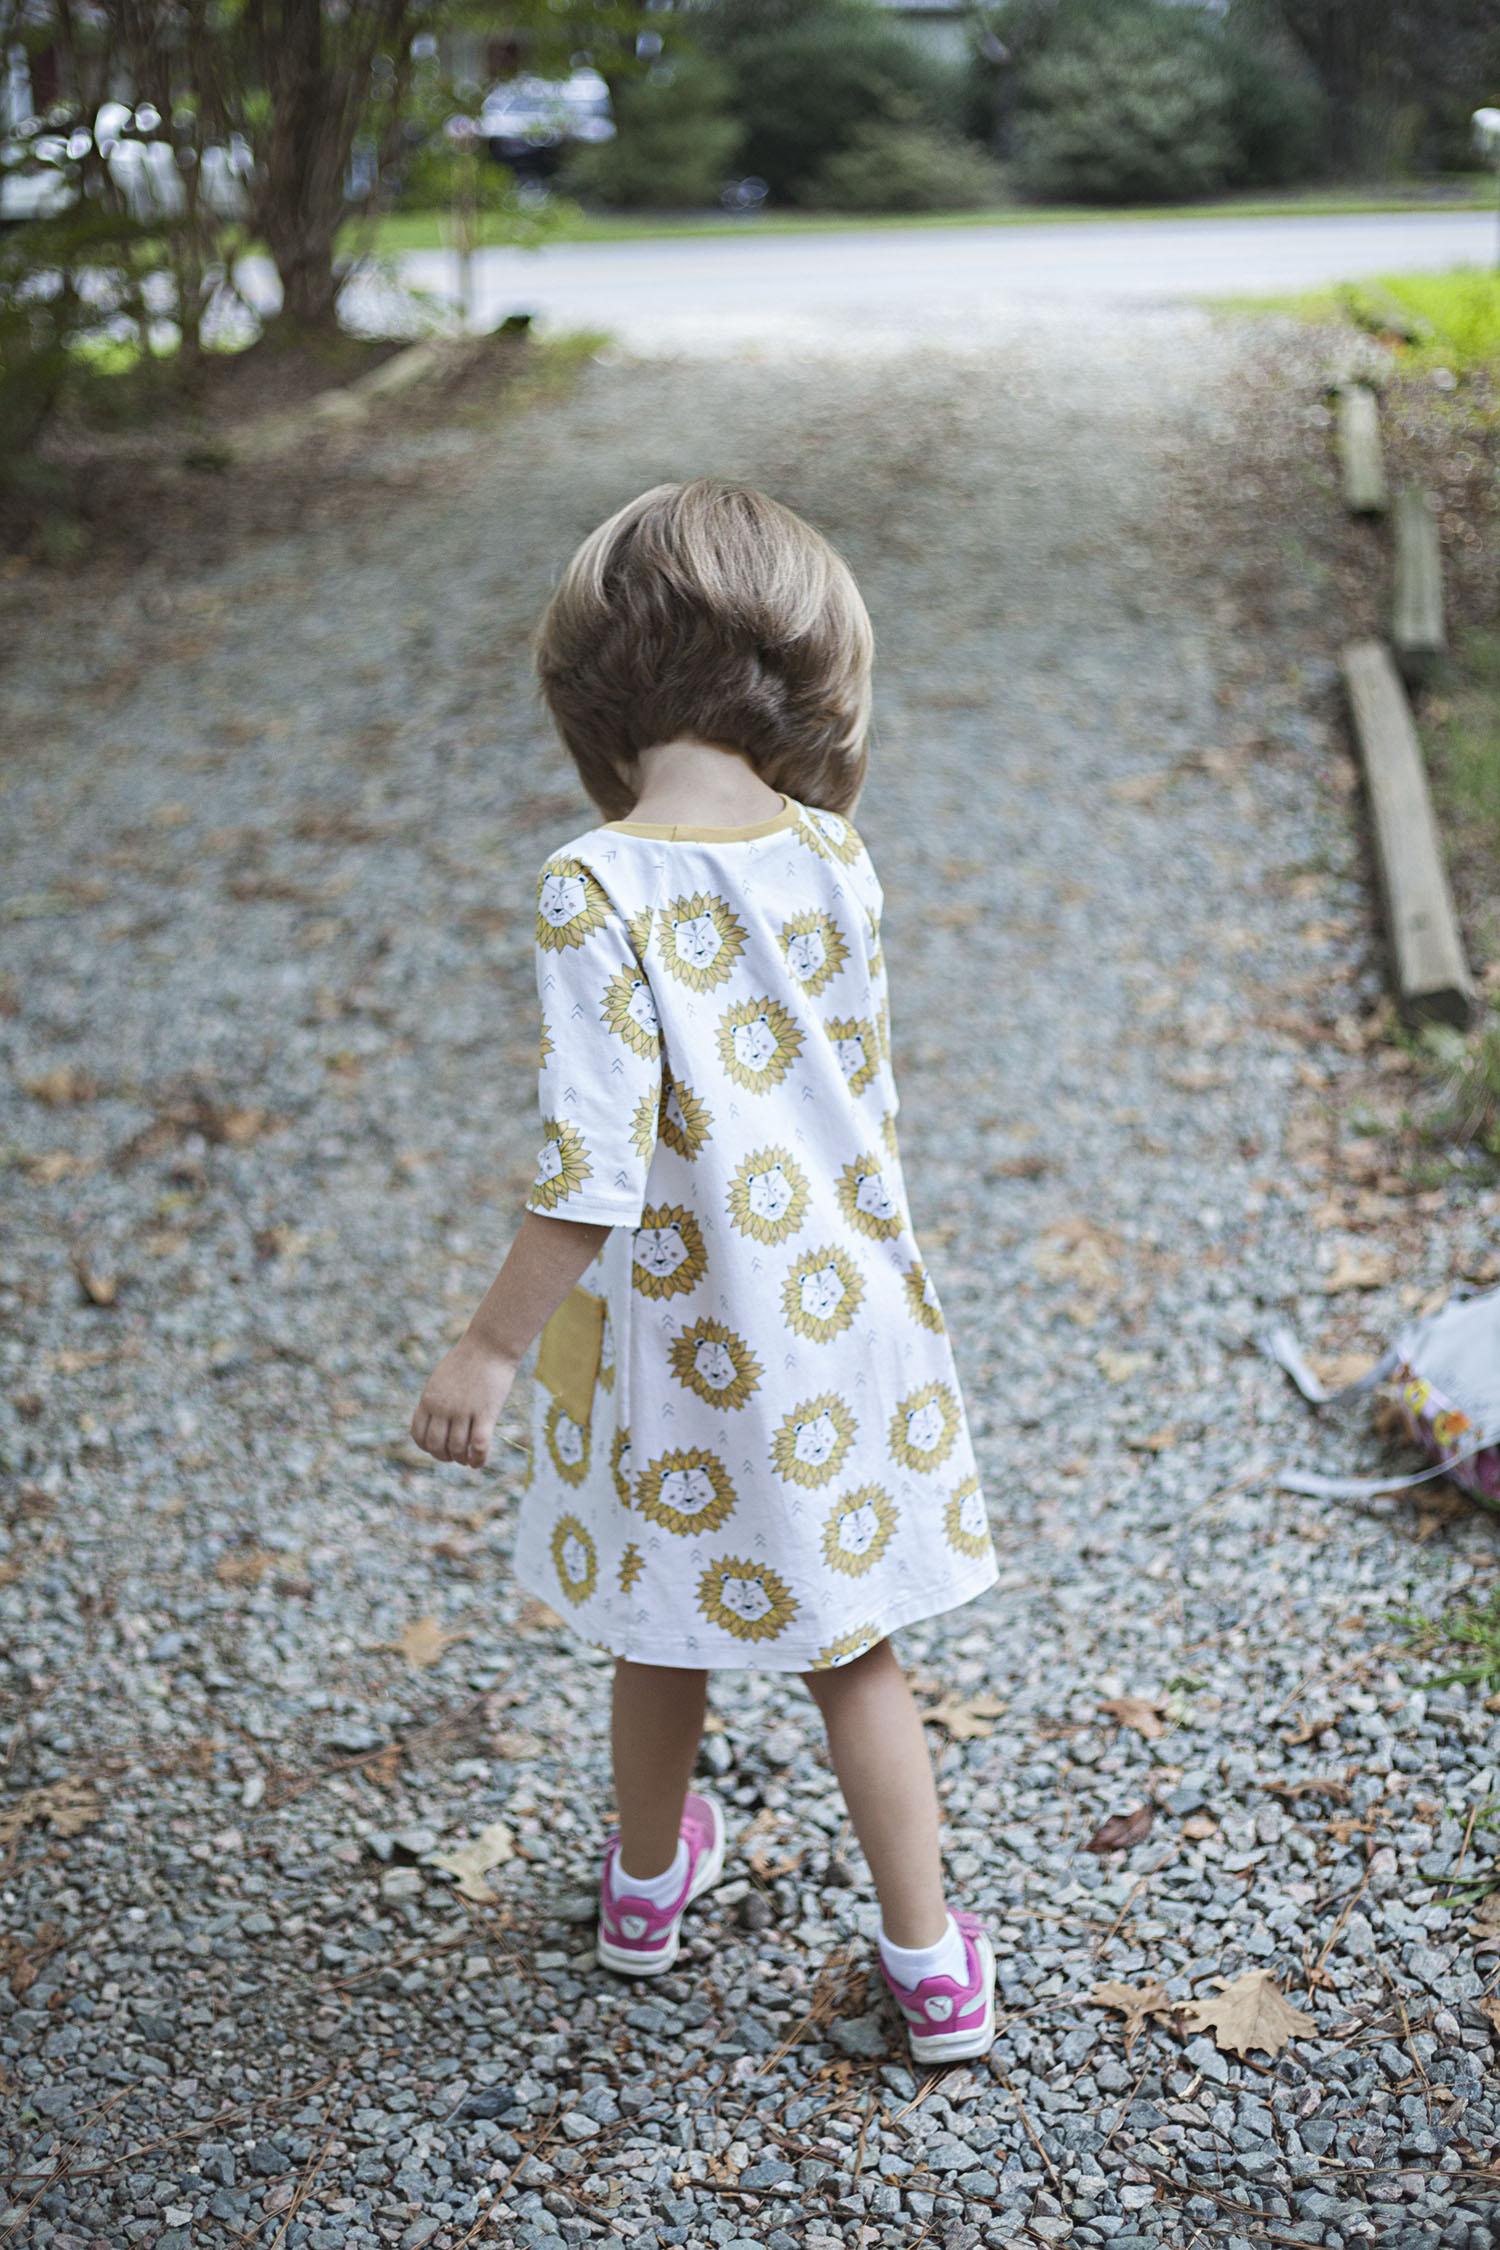 aslan-dress8.jpg